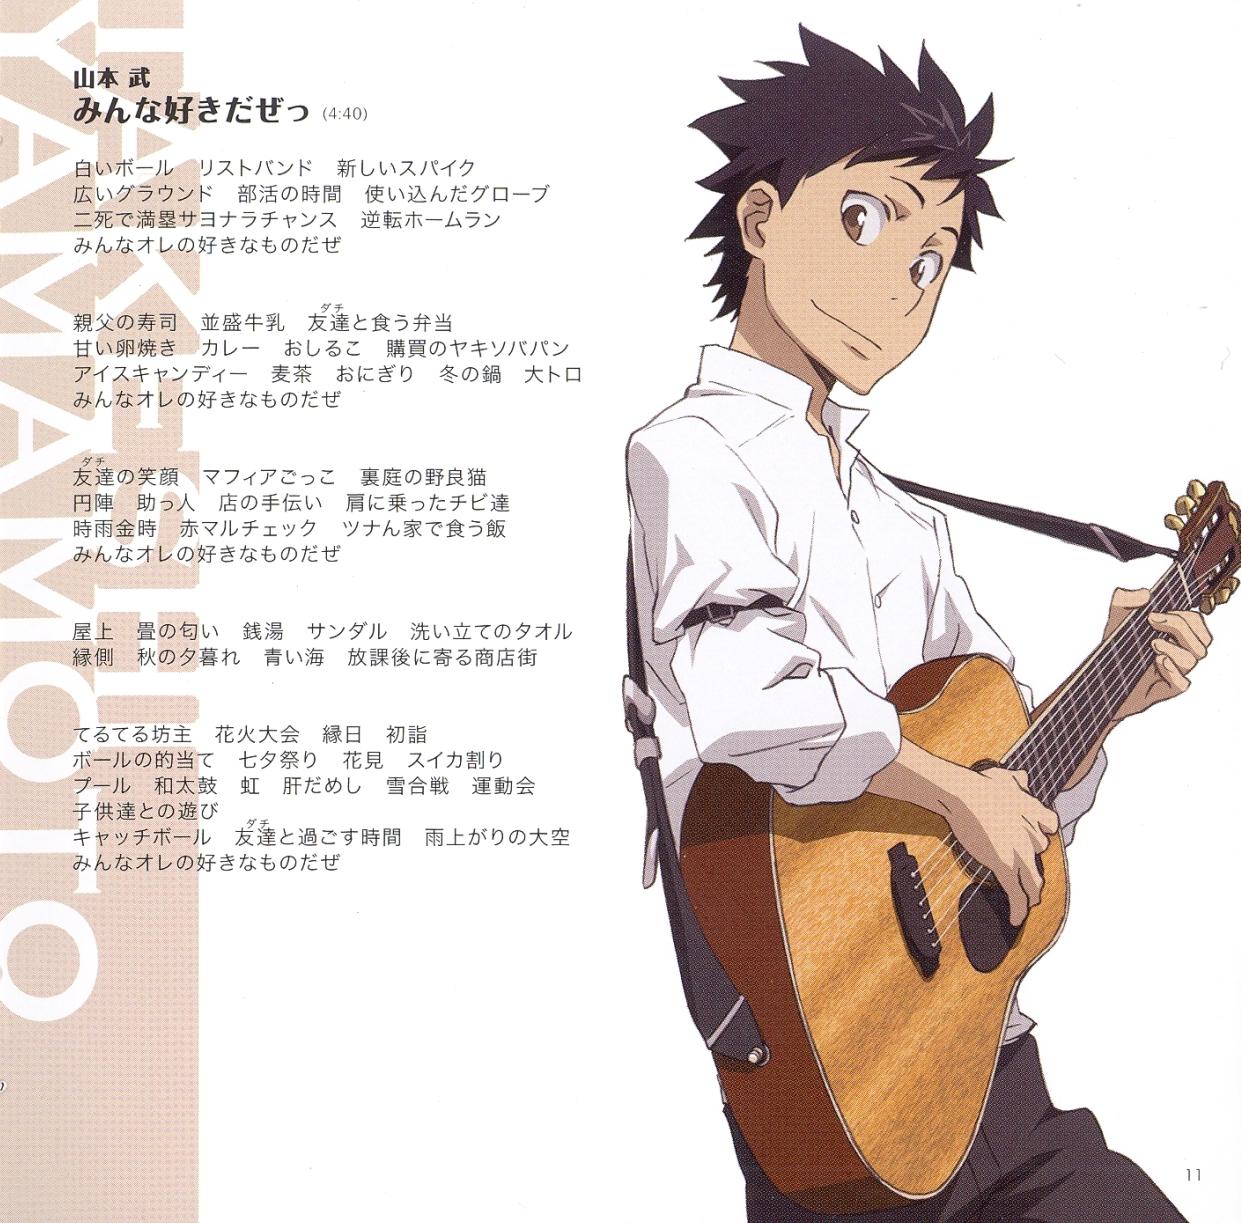 yamamoto takeshi - katekyo hitman reborn